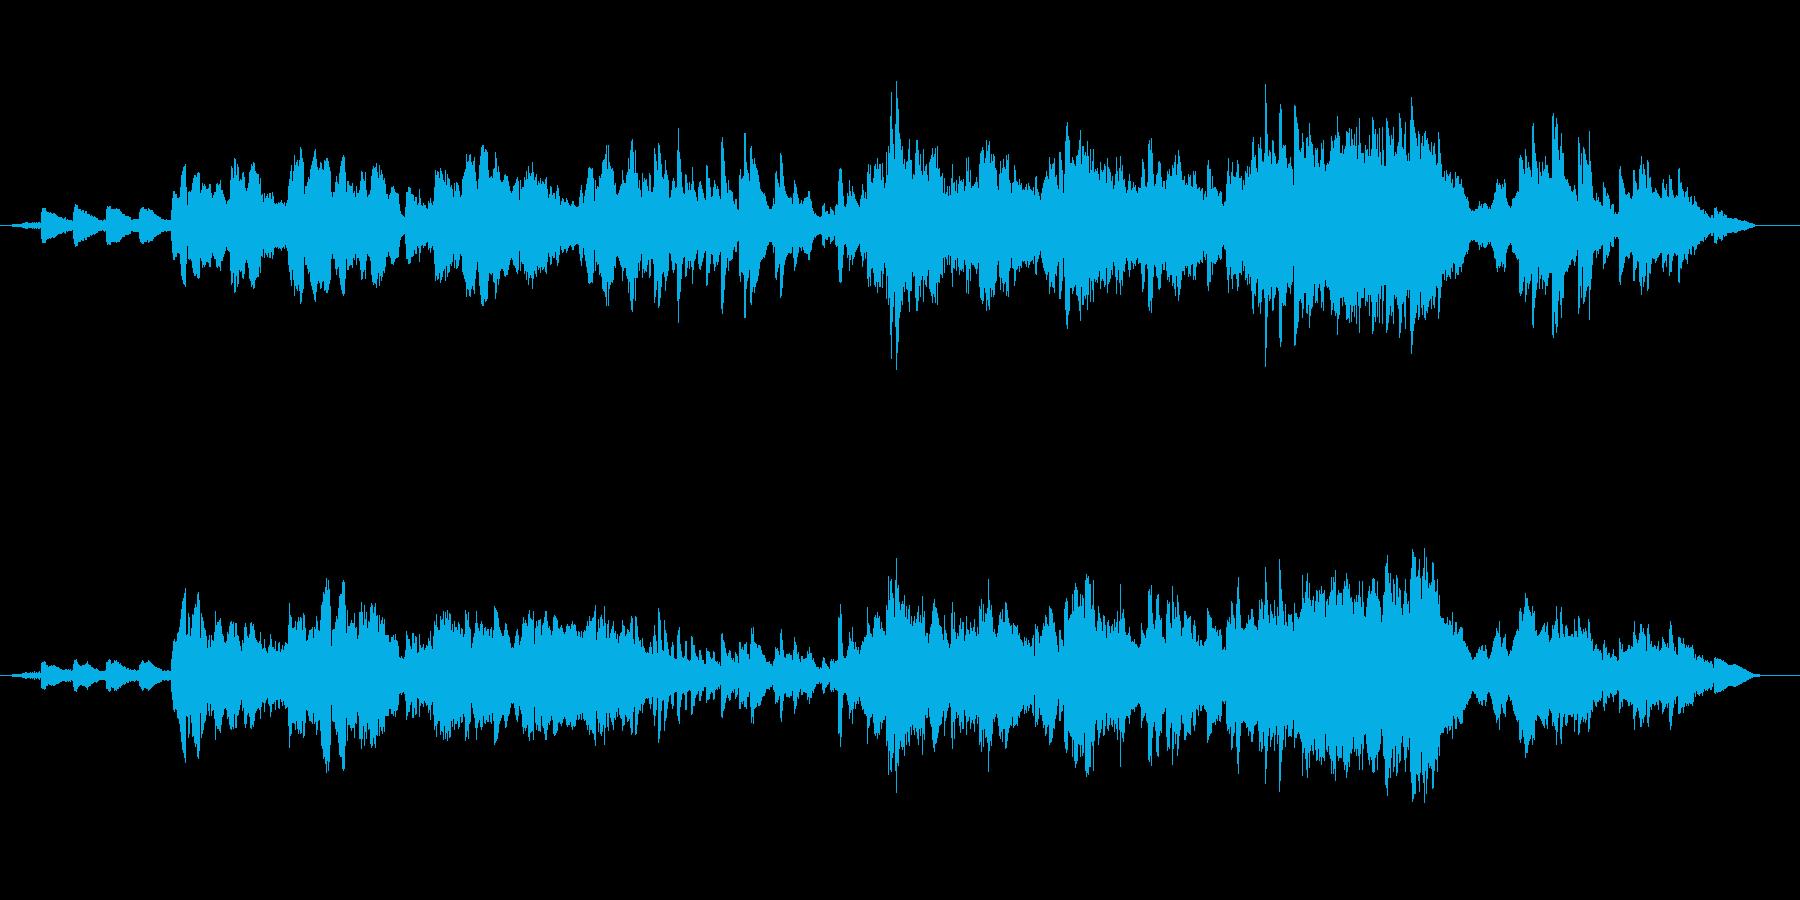 アイスランド民謡を生ヴァイオリンでの再生済みの波形